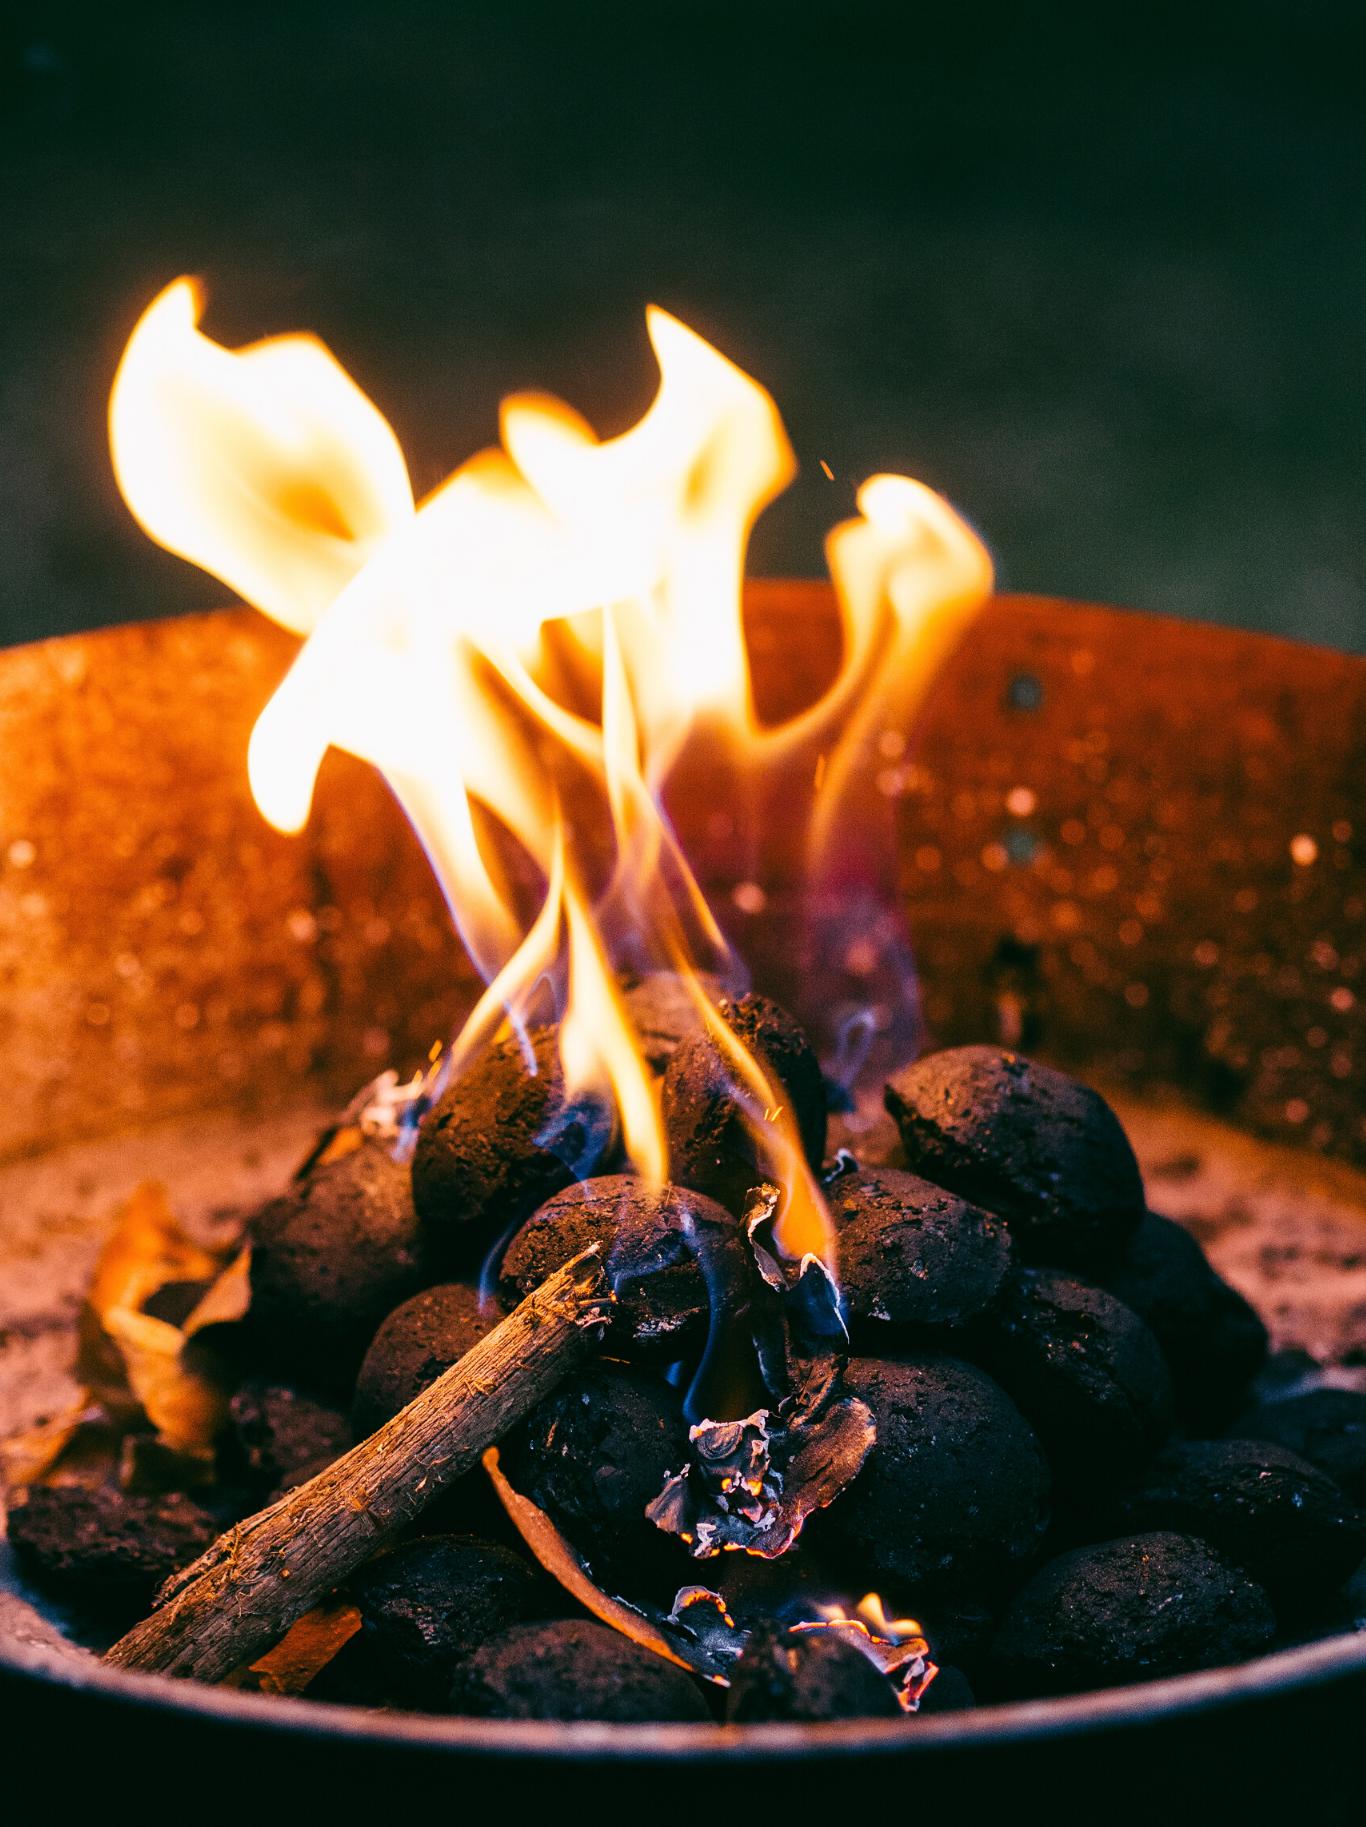 camp fire, kids, bonfire, smores